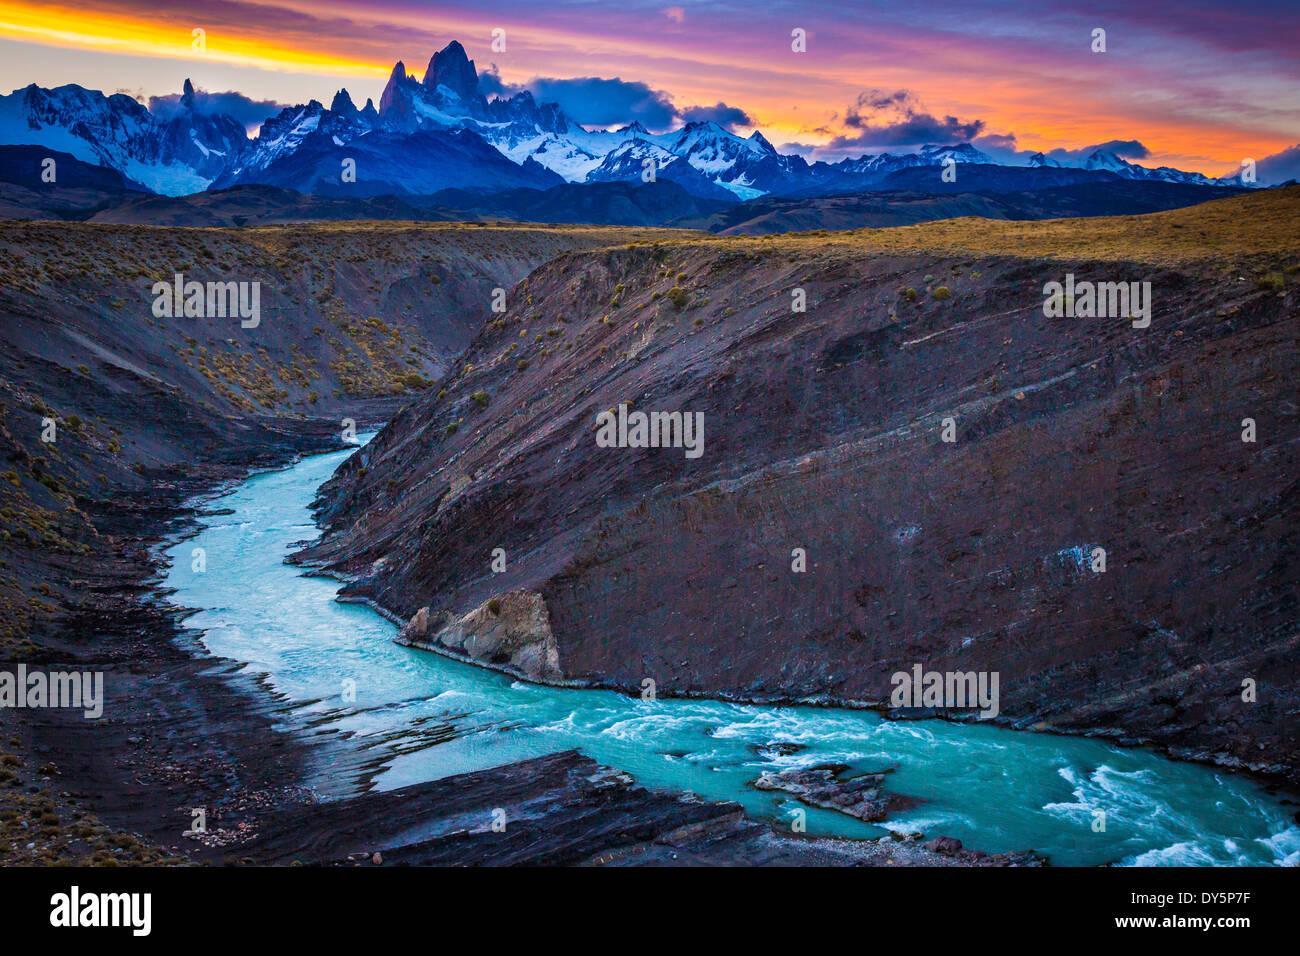 Il monte Fitz Roy è una montagna situata nei pressi di El Chaltén village, Patagonia, Argentina Immagini Stock